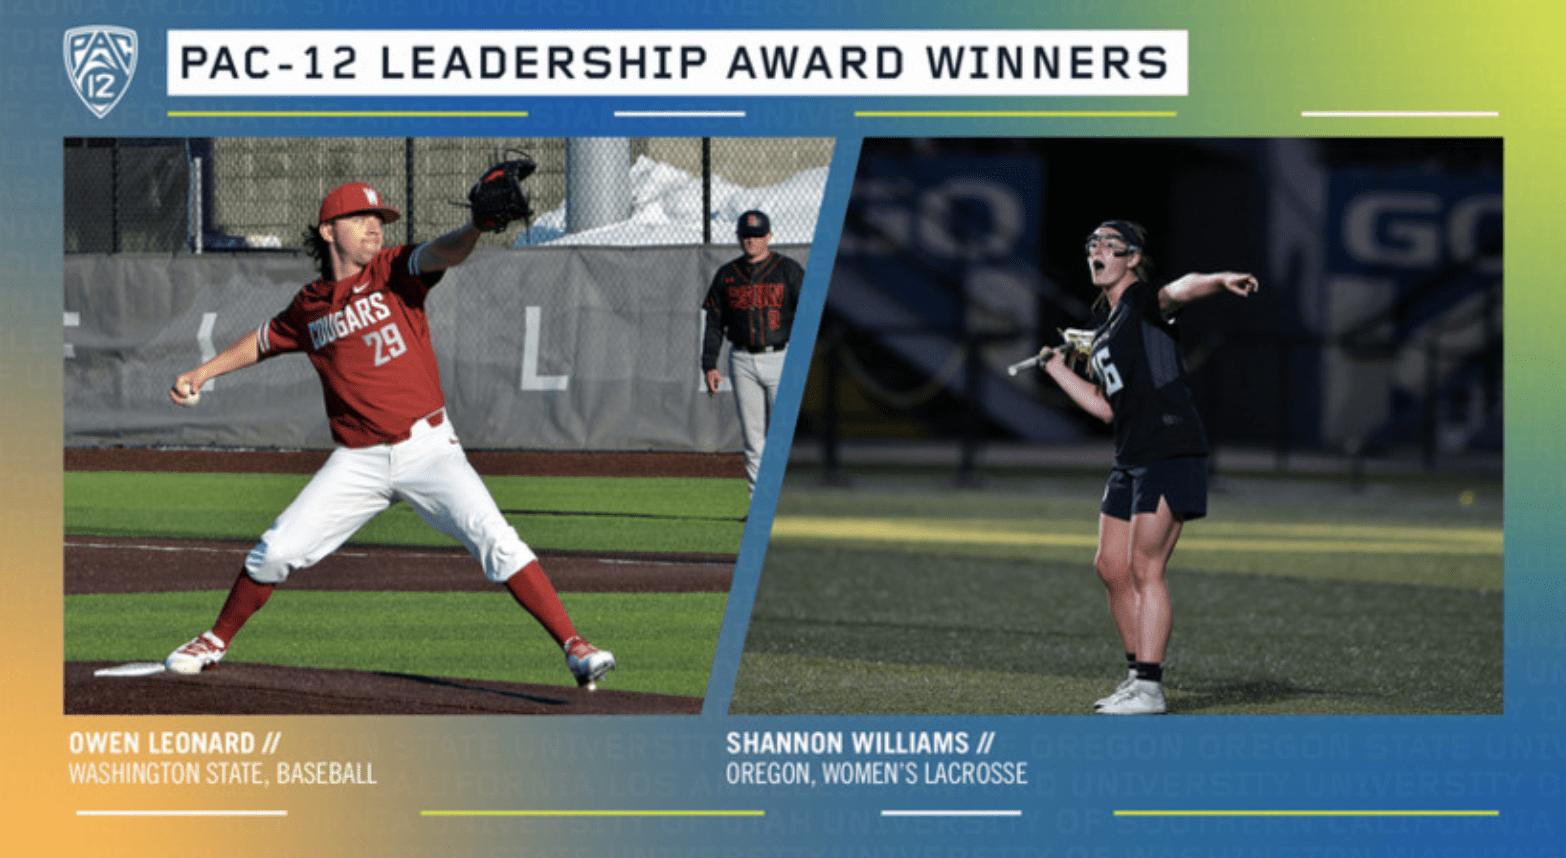 pac-12 leadership award winners 2018-2019 shannon williams oregon women's lacrosse